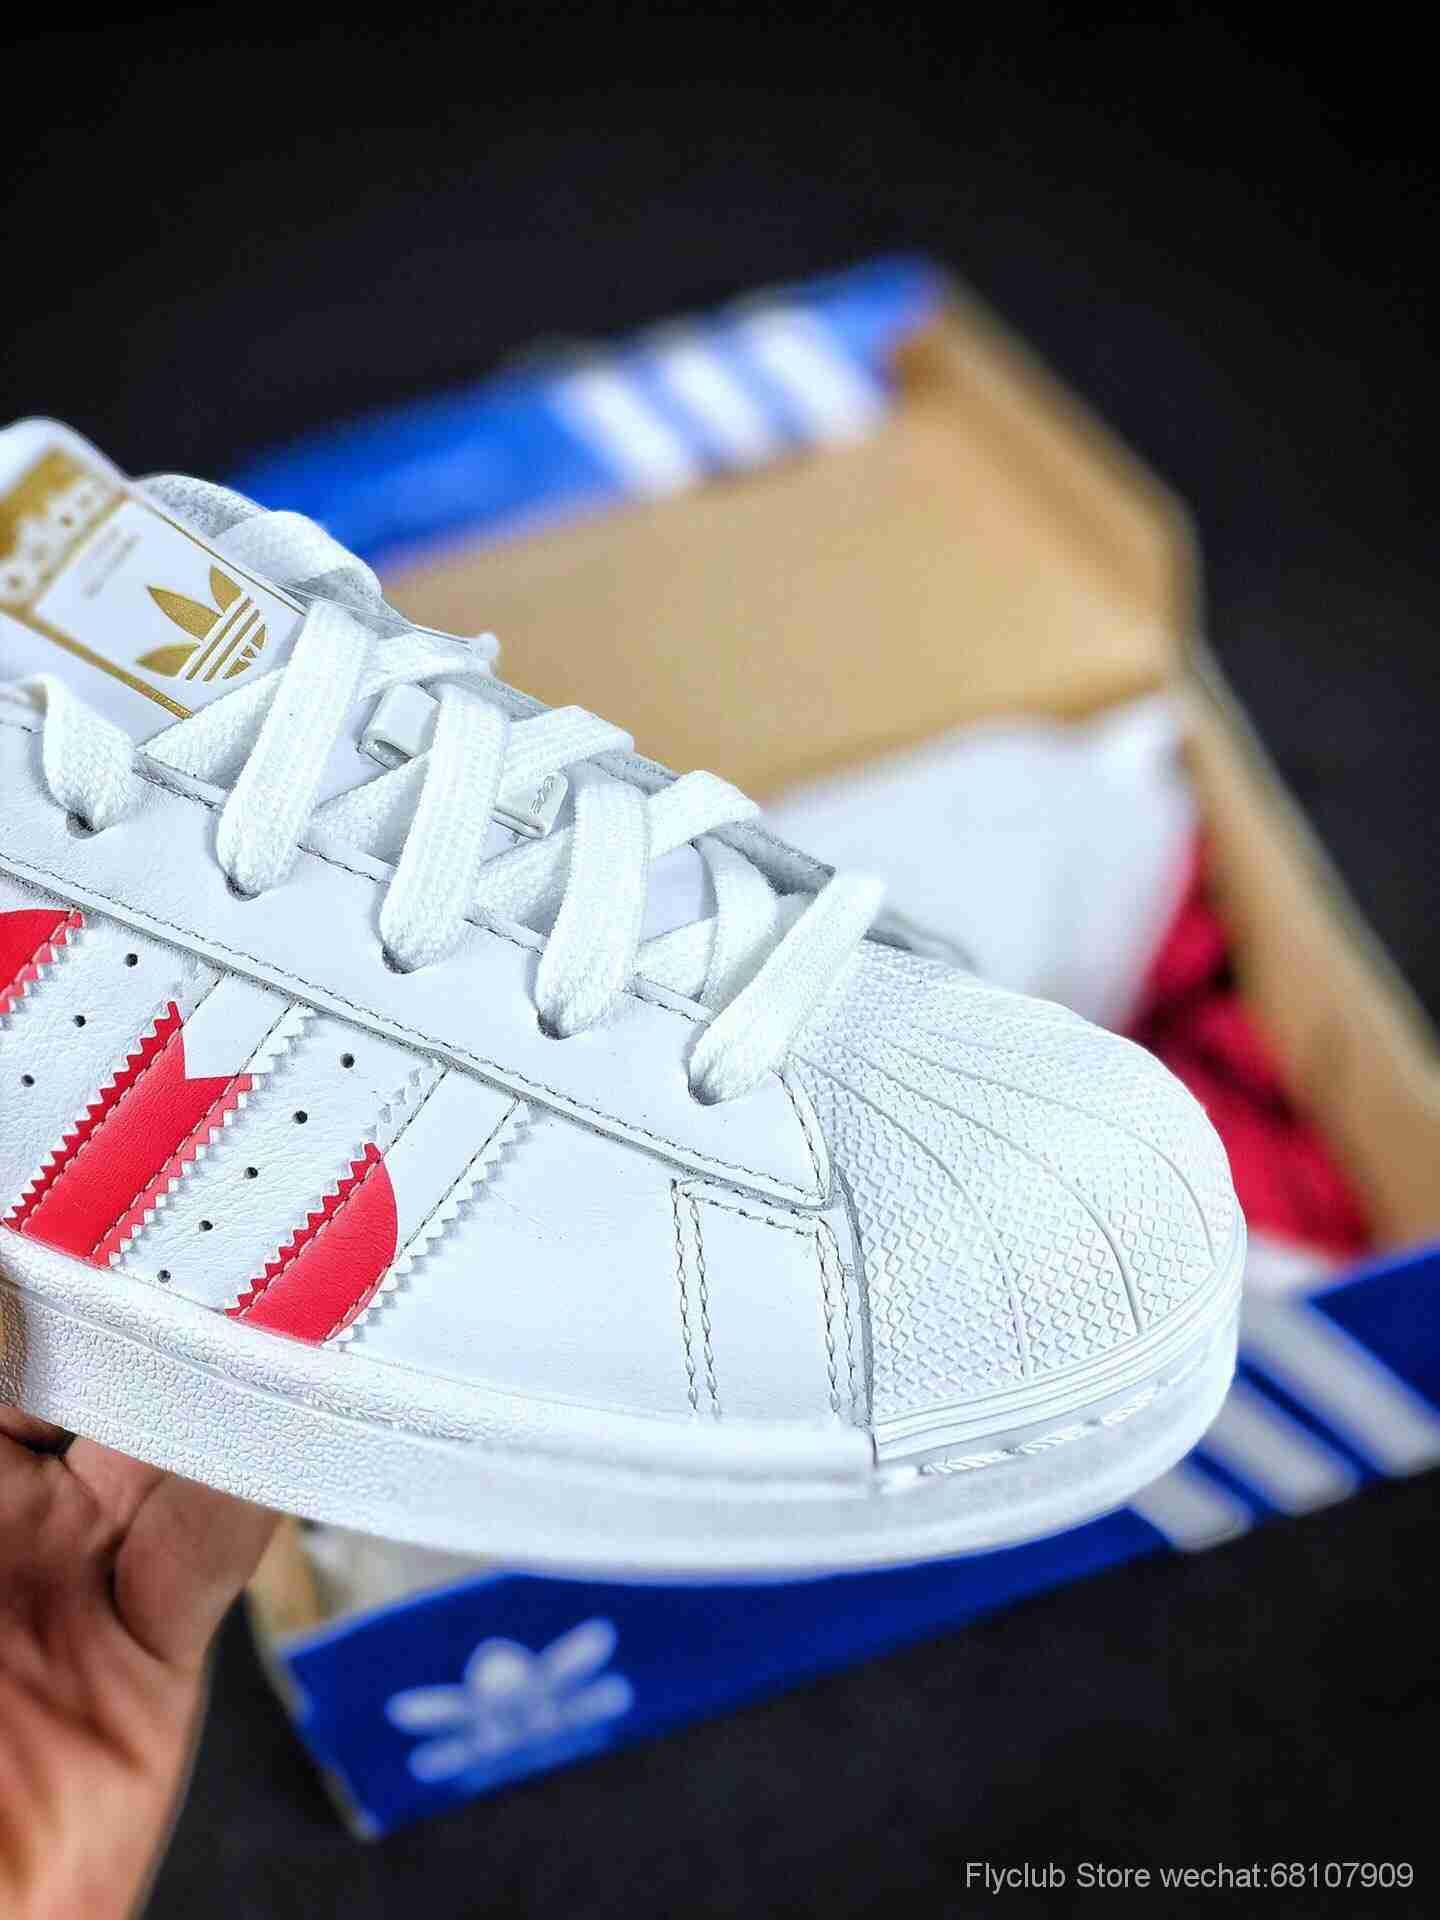 正品订单 19ss情人节限定 Adidas Superstar 三叶草贝壳头 情人节限定 白红爱心